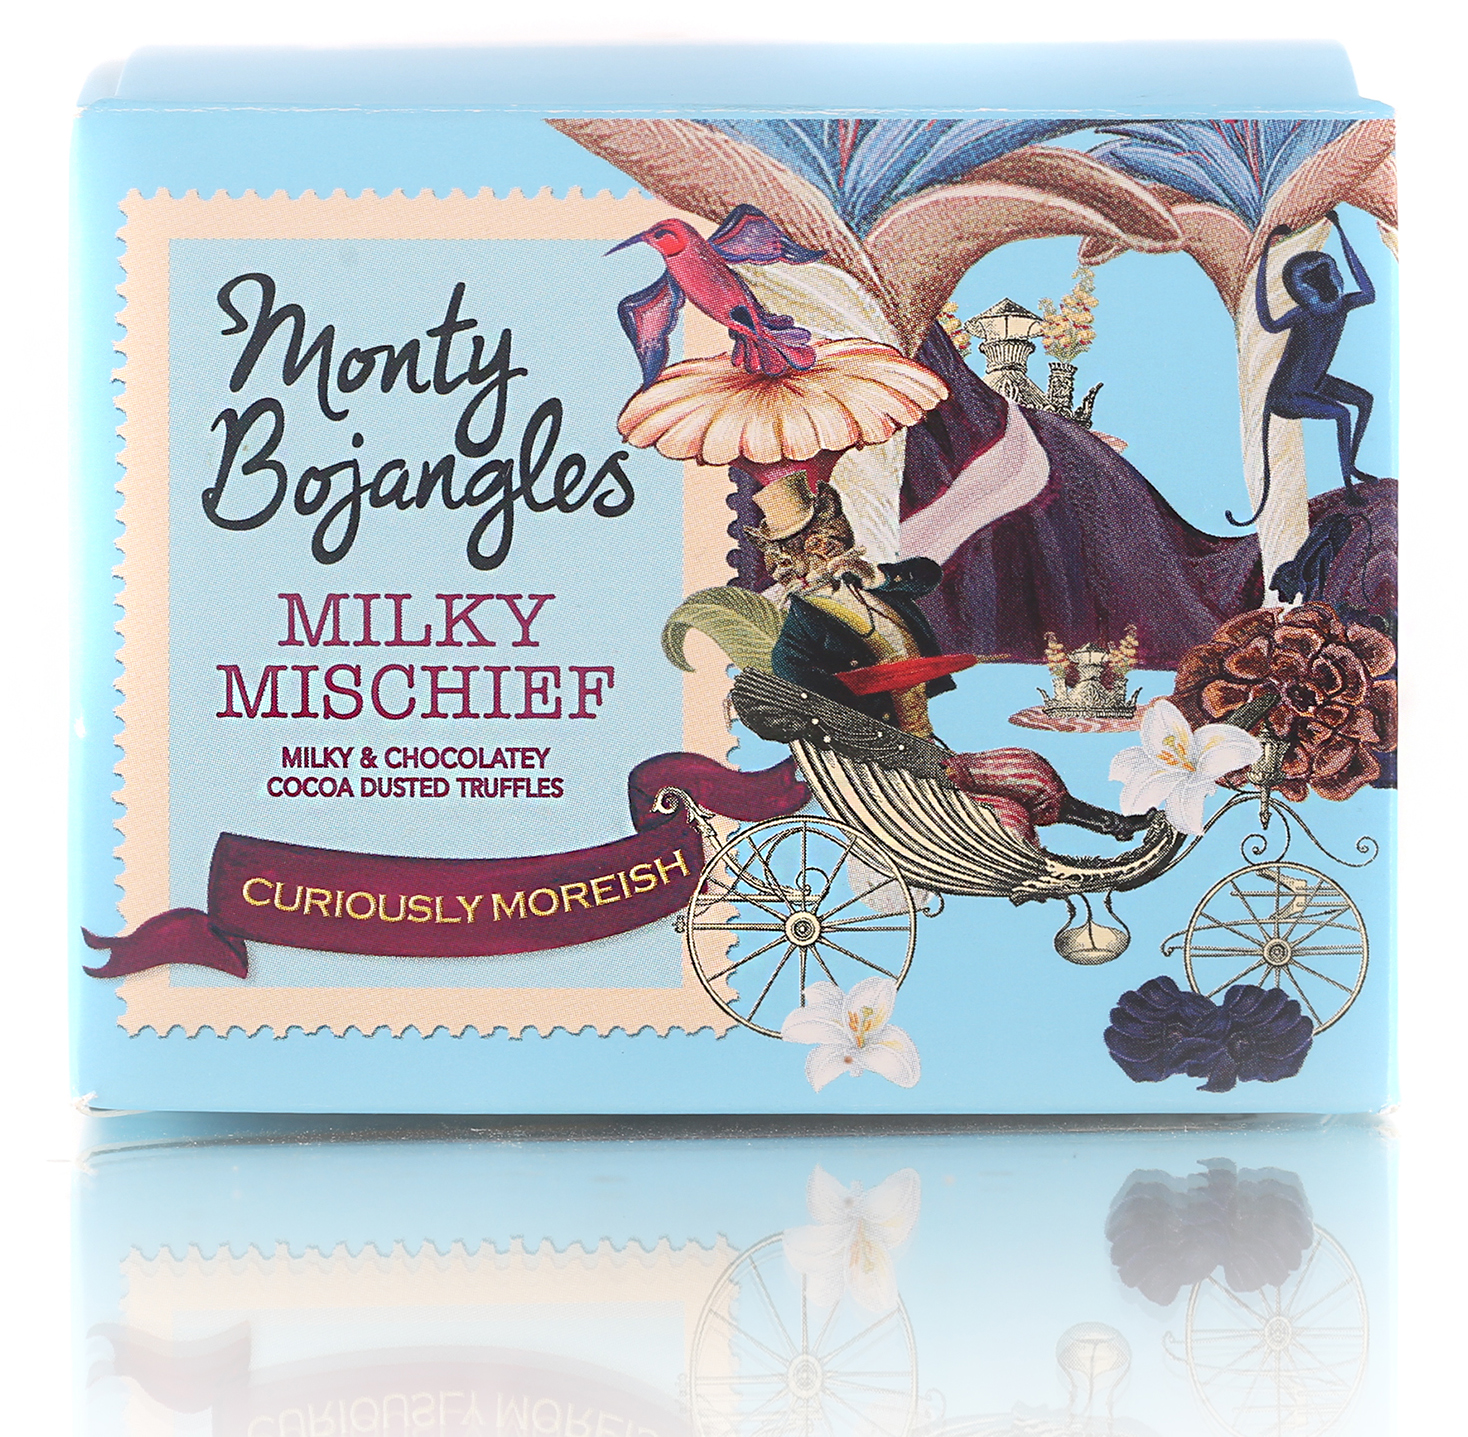 Monty Bojangles Французские трюфели классические, 100 г chocmod конфеты chocmod трюфели париж 500г